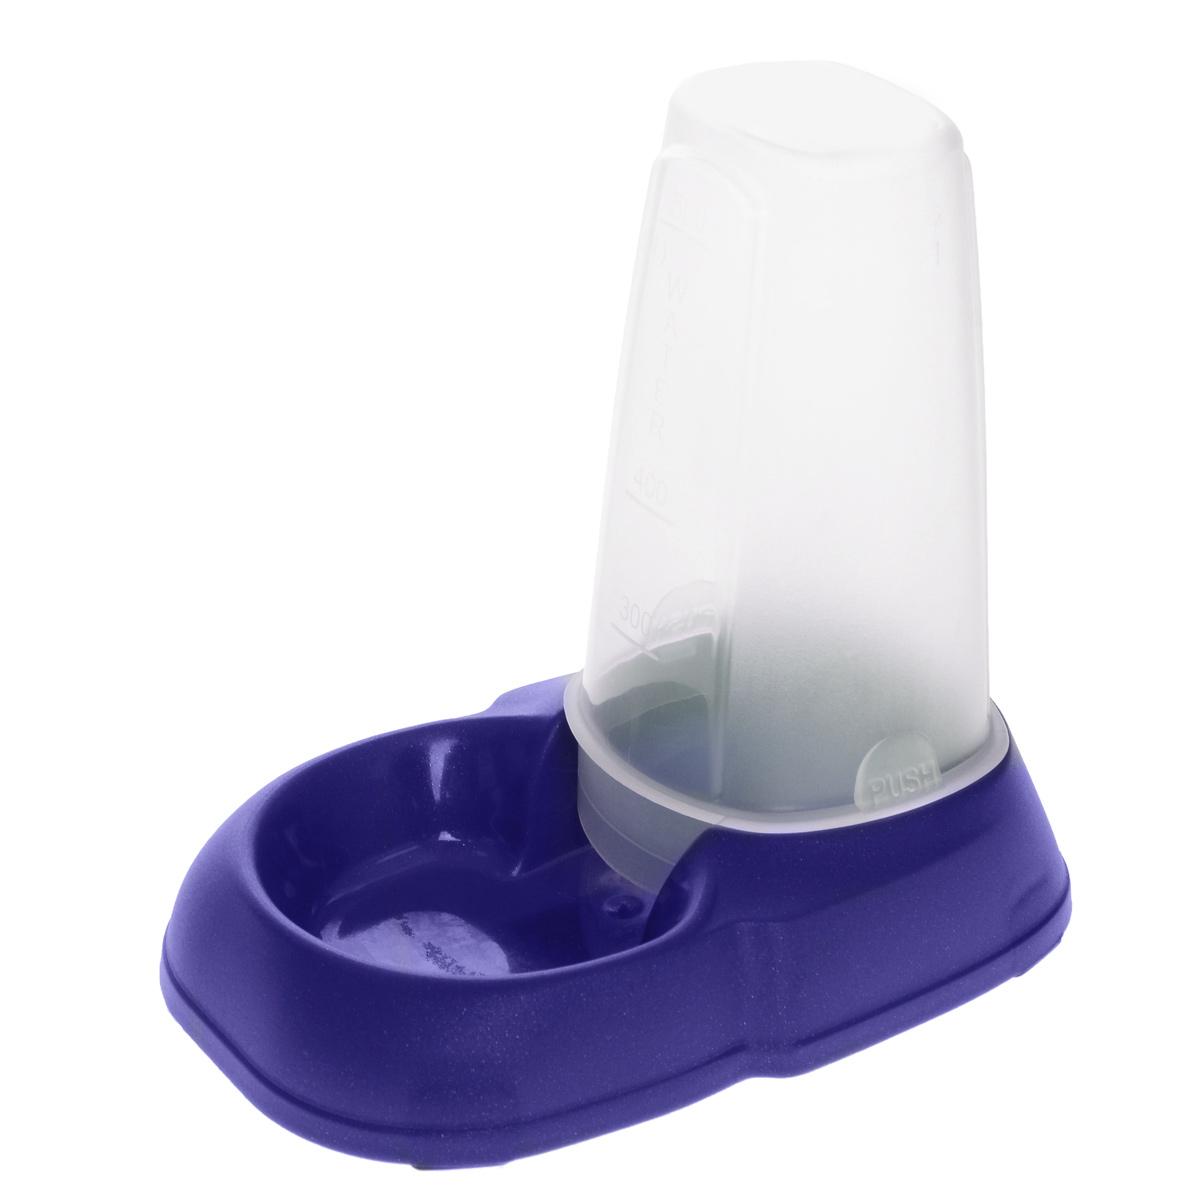 Миска для животных MPS Maya Dispenser, с контейнером, цвет: синий, 500 мл0120710Миска MPS Maya Dispenser, изготовленная из пластика, не впитывает посторонние запахи. Подходит как для кошек, так и для собак, хорьков, кроликов, морских свинок. Особенно удобна такая миска, если в доме содержится несколько животных. Подходит как для корма, так и для воды. На дне имеются противоскользящие резиновые ножки. Специальный прозрачный контейнер большой вместимости позволяет оставить достаточное количество воды или корма на длительное время. Объем контейнера: 500 мл. Размер миски: 12 см х 18 см х 4 см. Размер контейнера: 7,5 см х 7,5 см х 13 см.Товар сертифицирован.